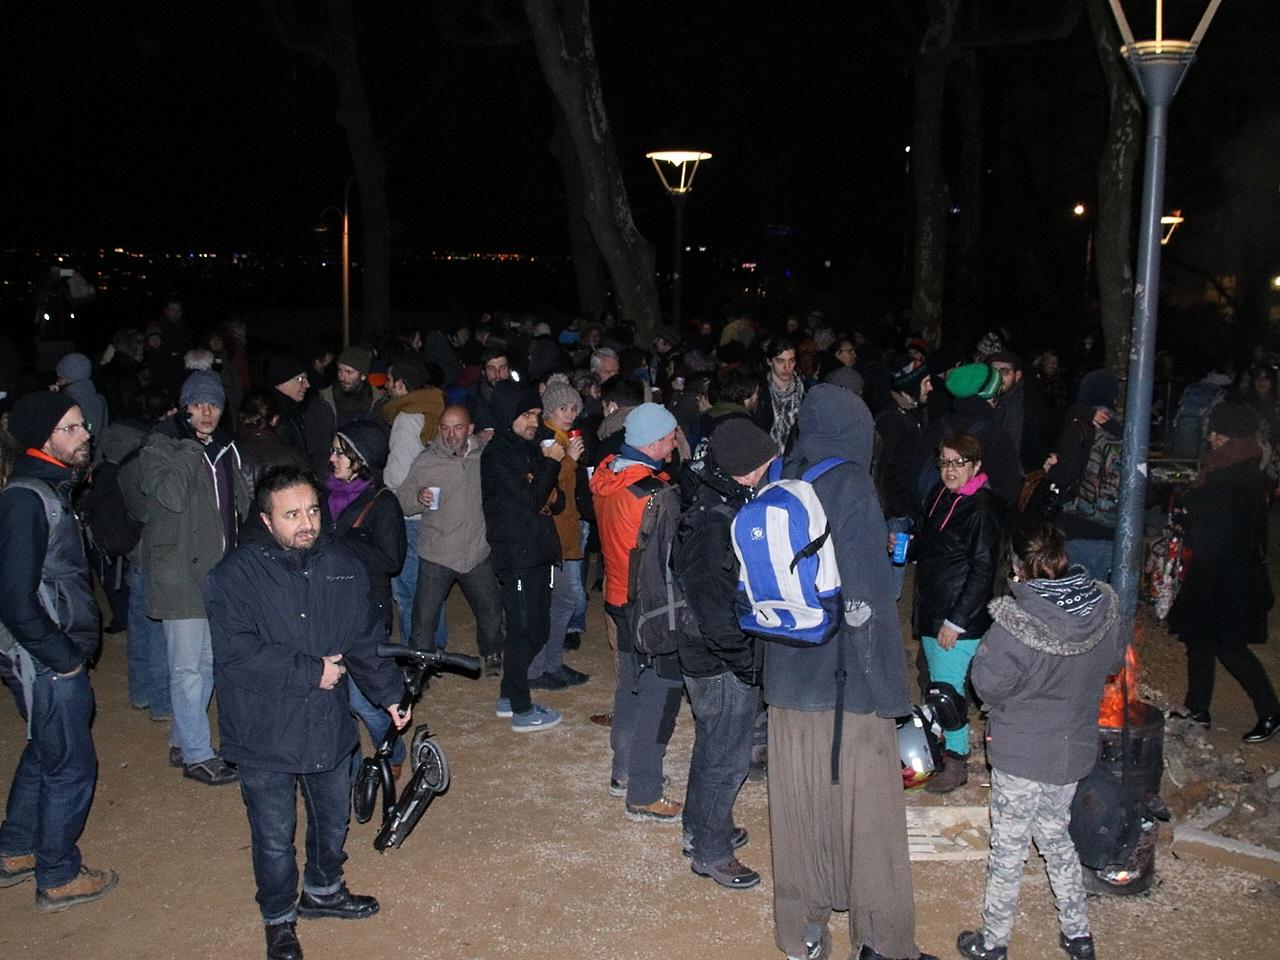 Les manifestants arrivés place Colbert - LyonMag